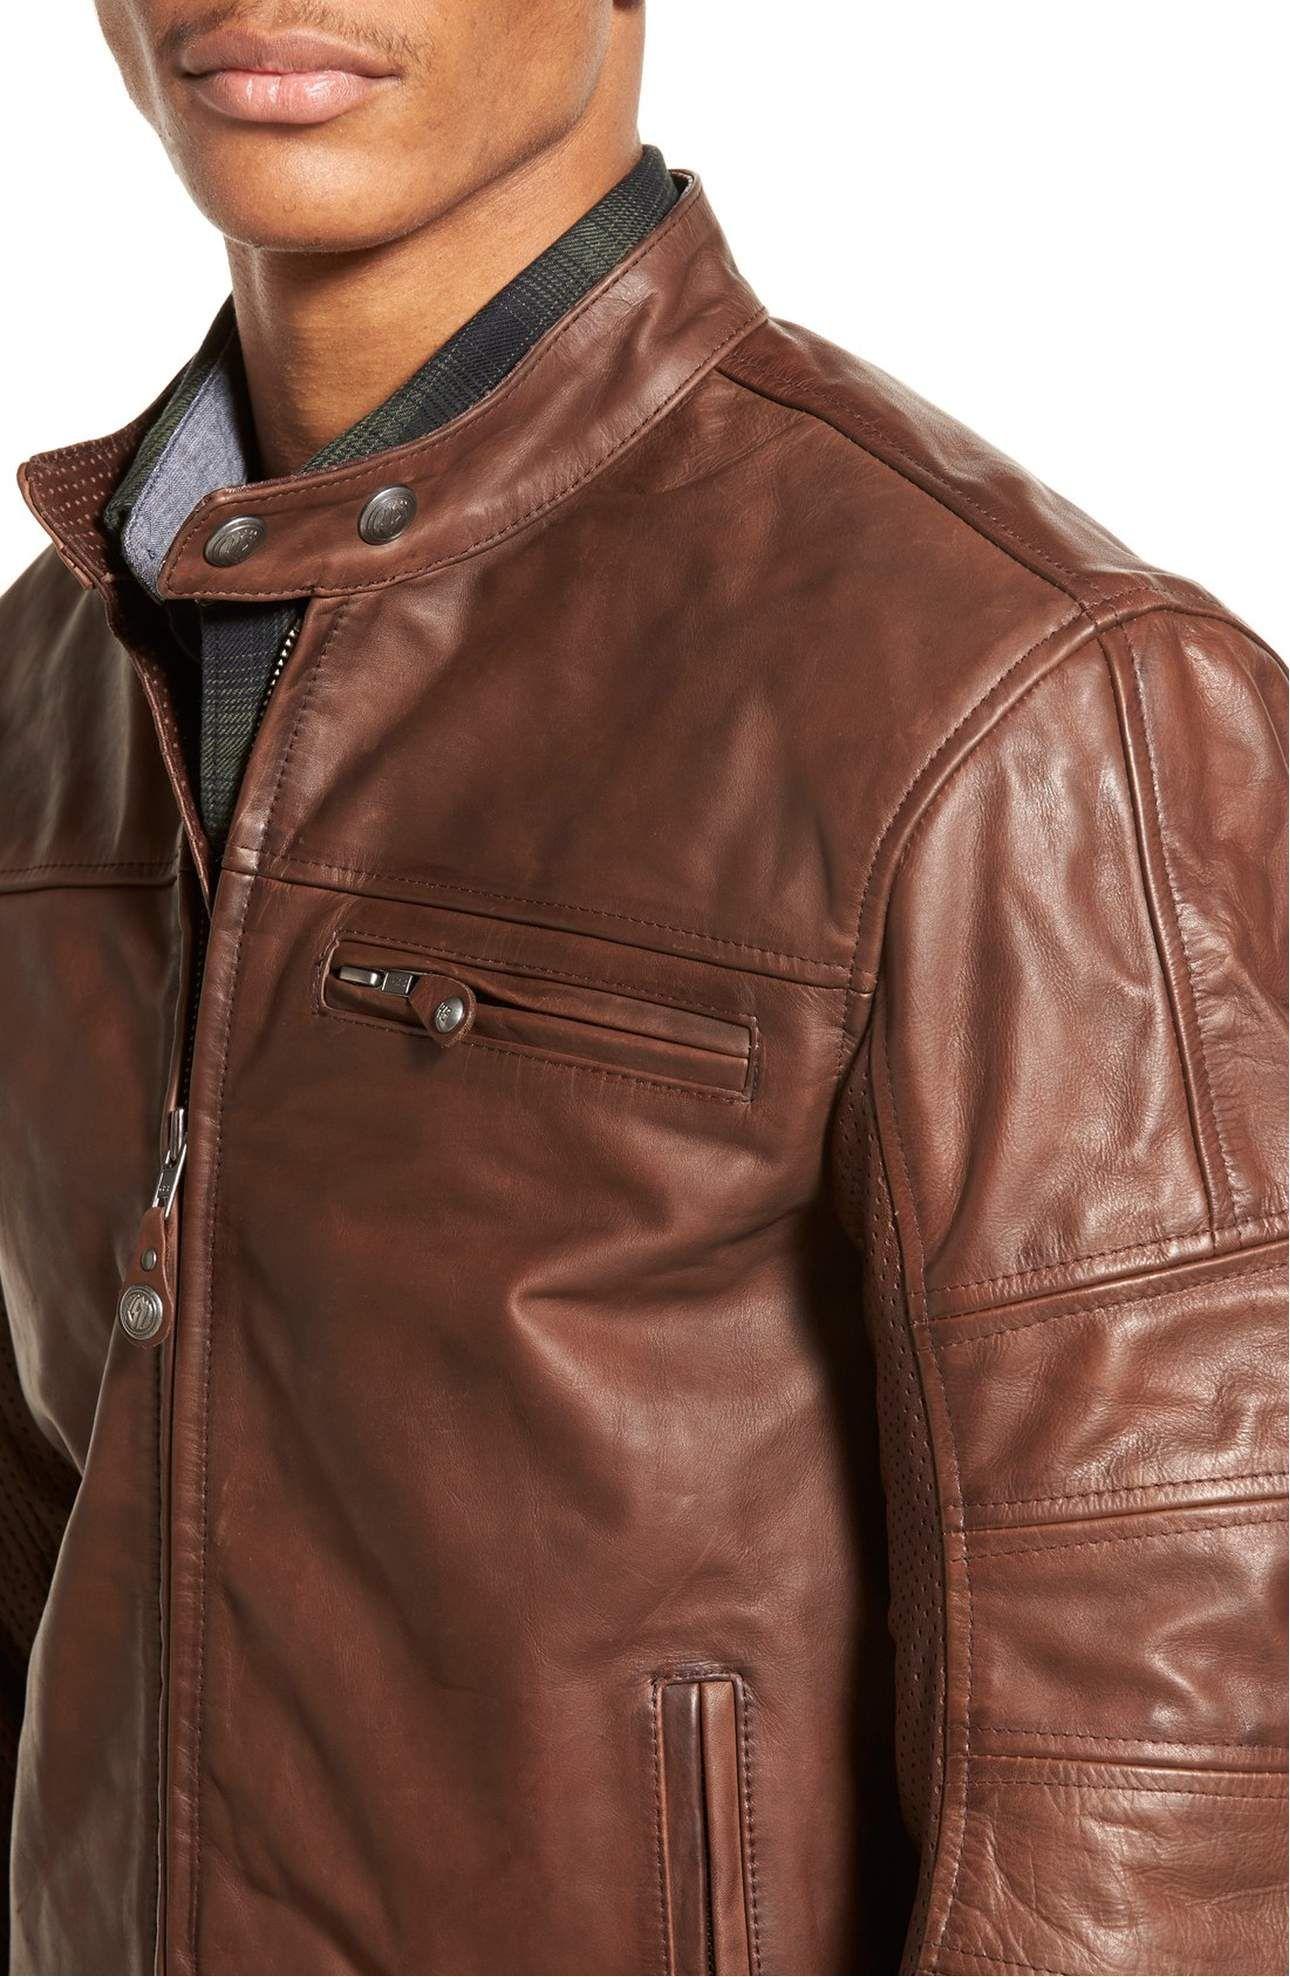 Roland Sands Design Ronin Cafe Racer Leather Jacket Nordstrom Leather Jacket Cafe Racer Leather Jacket Leather Jacket Men [ 1977 x 1290 Pixel ]